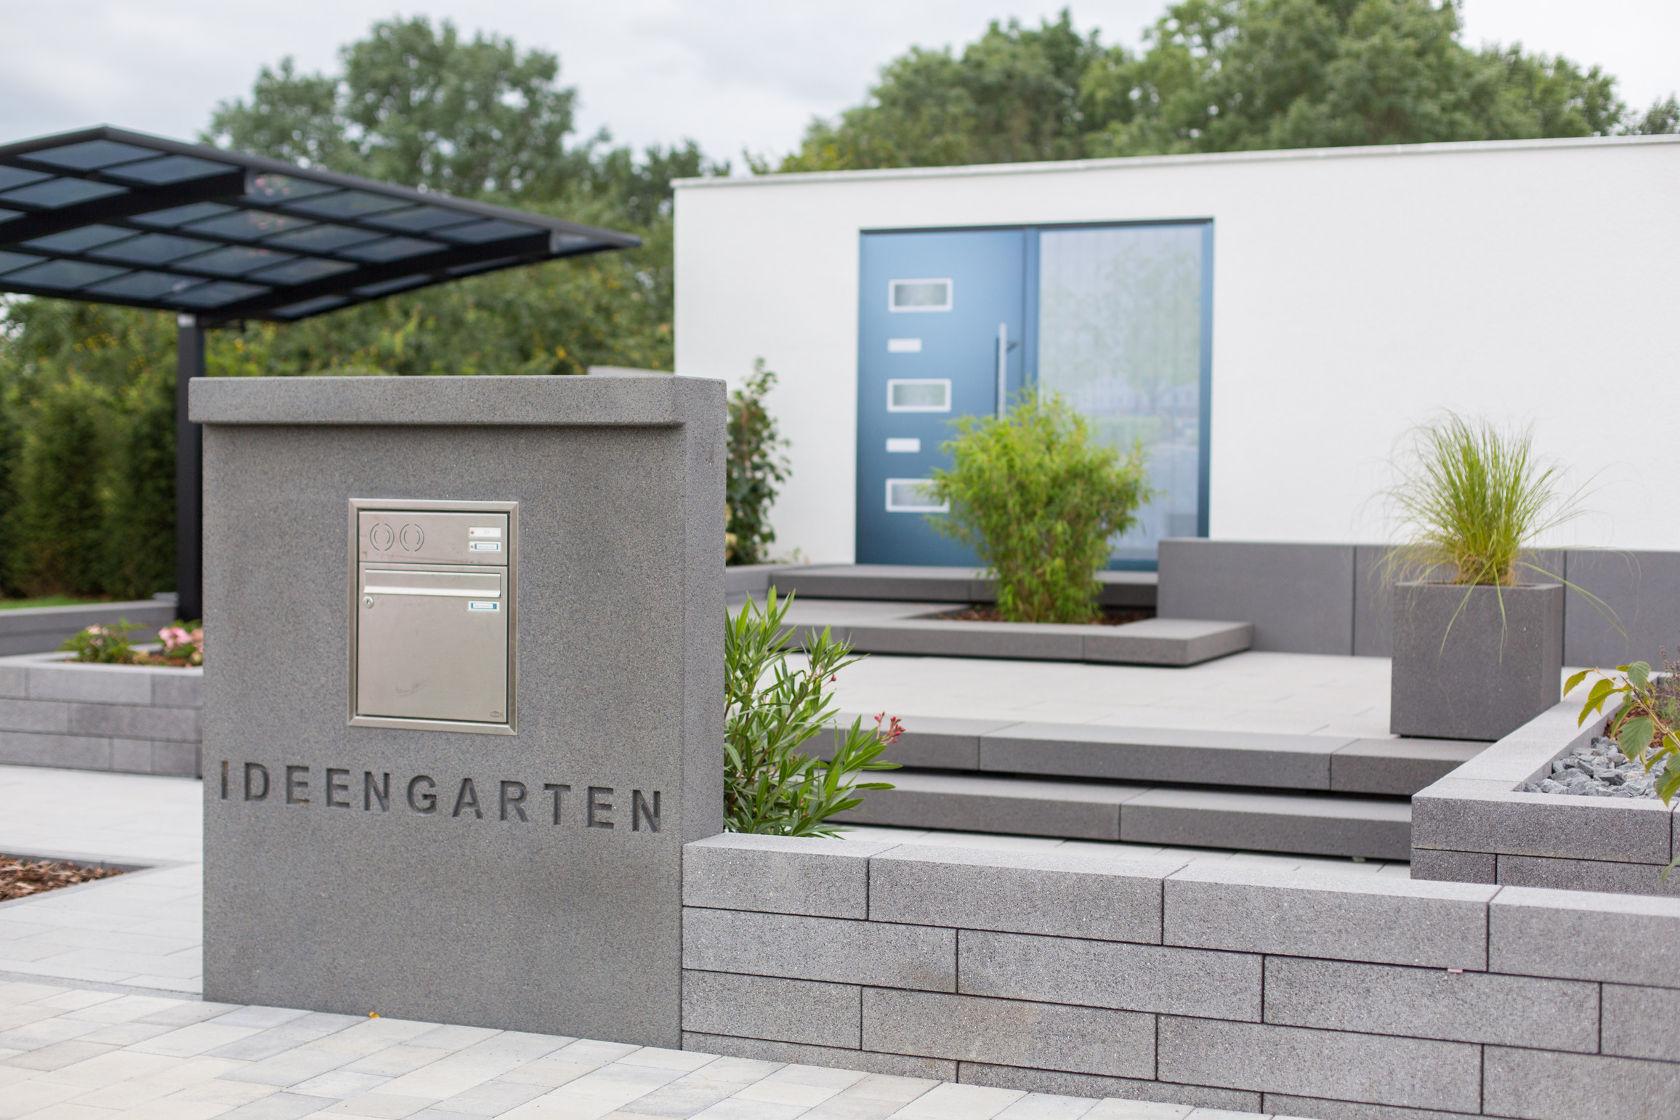 Der Briefkasten ist hier in das Beton-Mauerteil-Element integriert, das Grundstück wird von einer Mauer eingefasst. Die grau gewählten Gestaltungselemente für den Vorgarten passen zum modernen Stil.